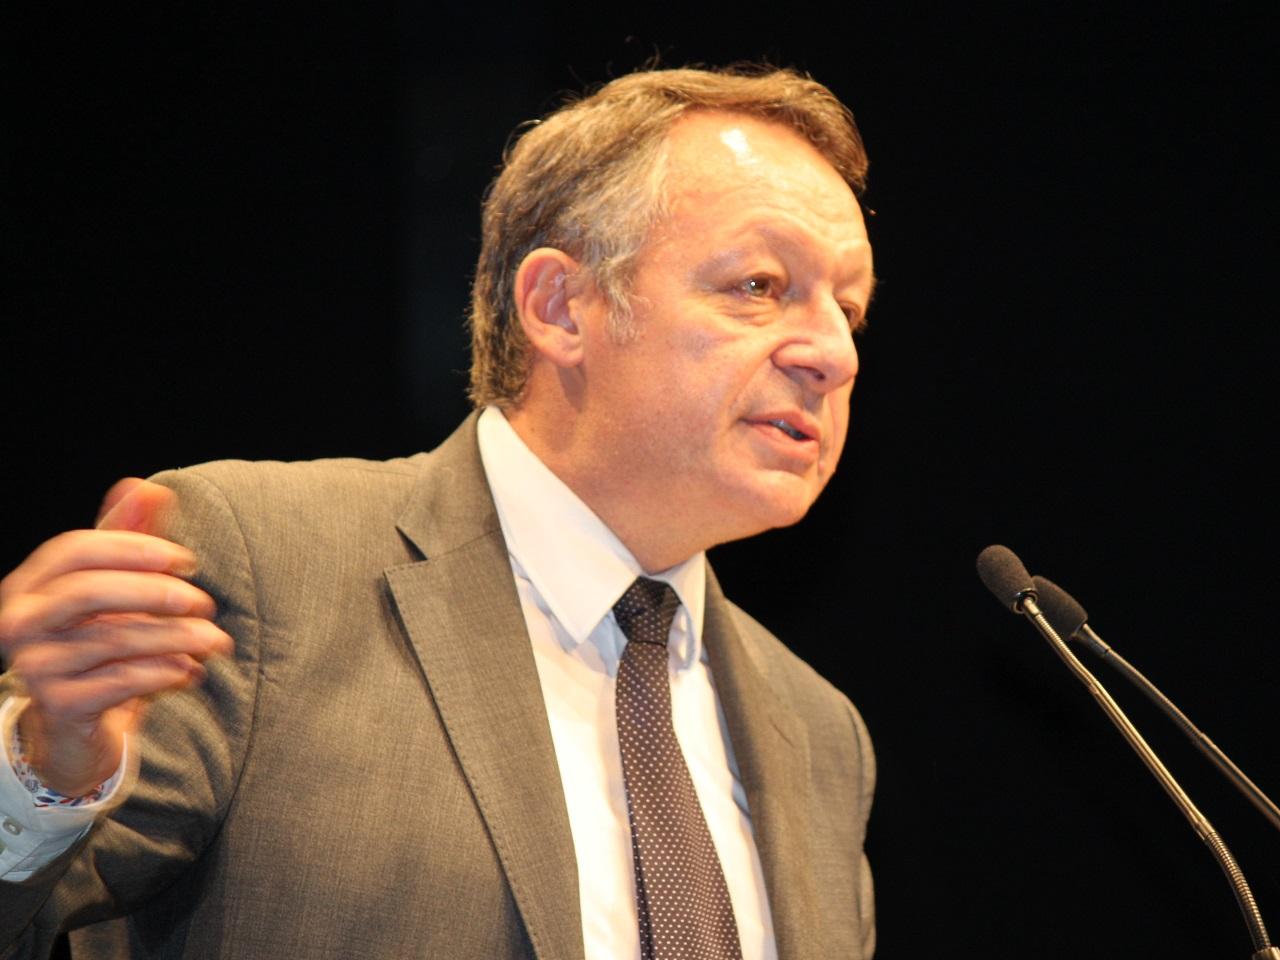 Législatives : Thierry Braillard rappelle qu'il ne soutiendra aucun candidat